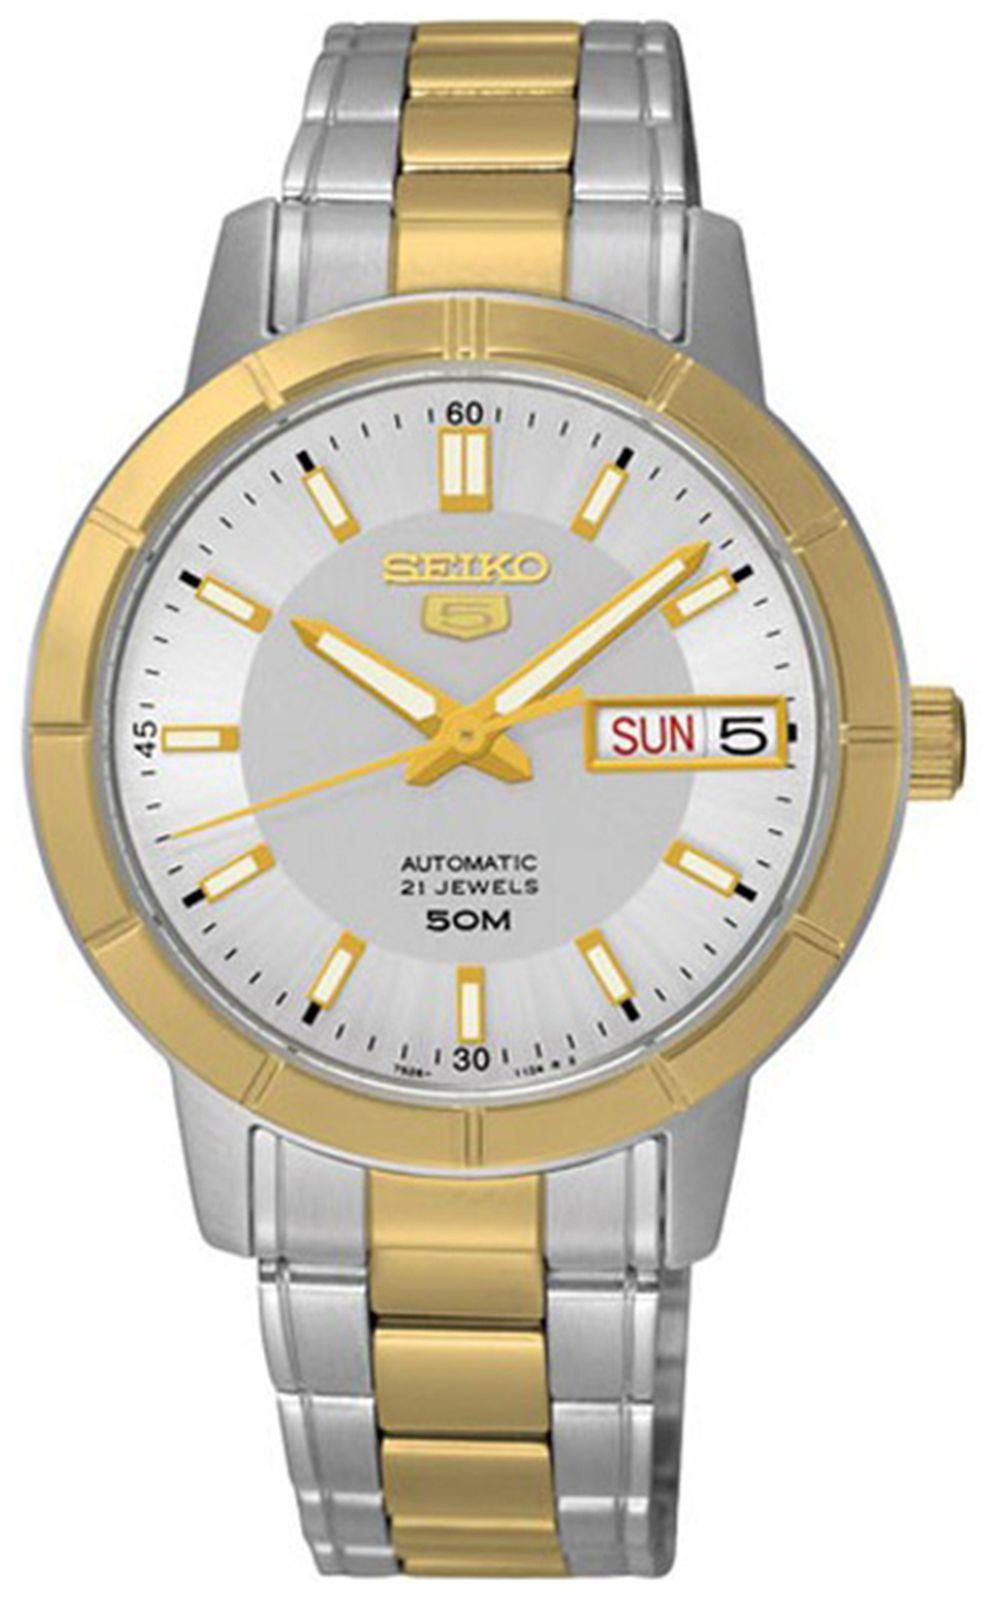 цена на Наручные часы Seiko женские, серебристый, золотой